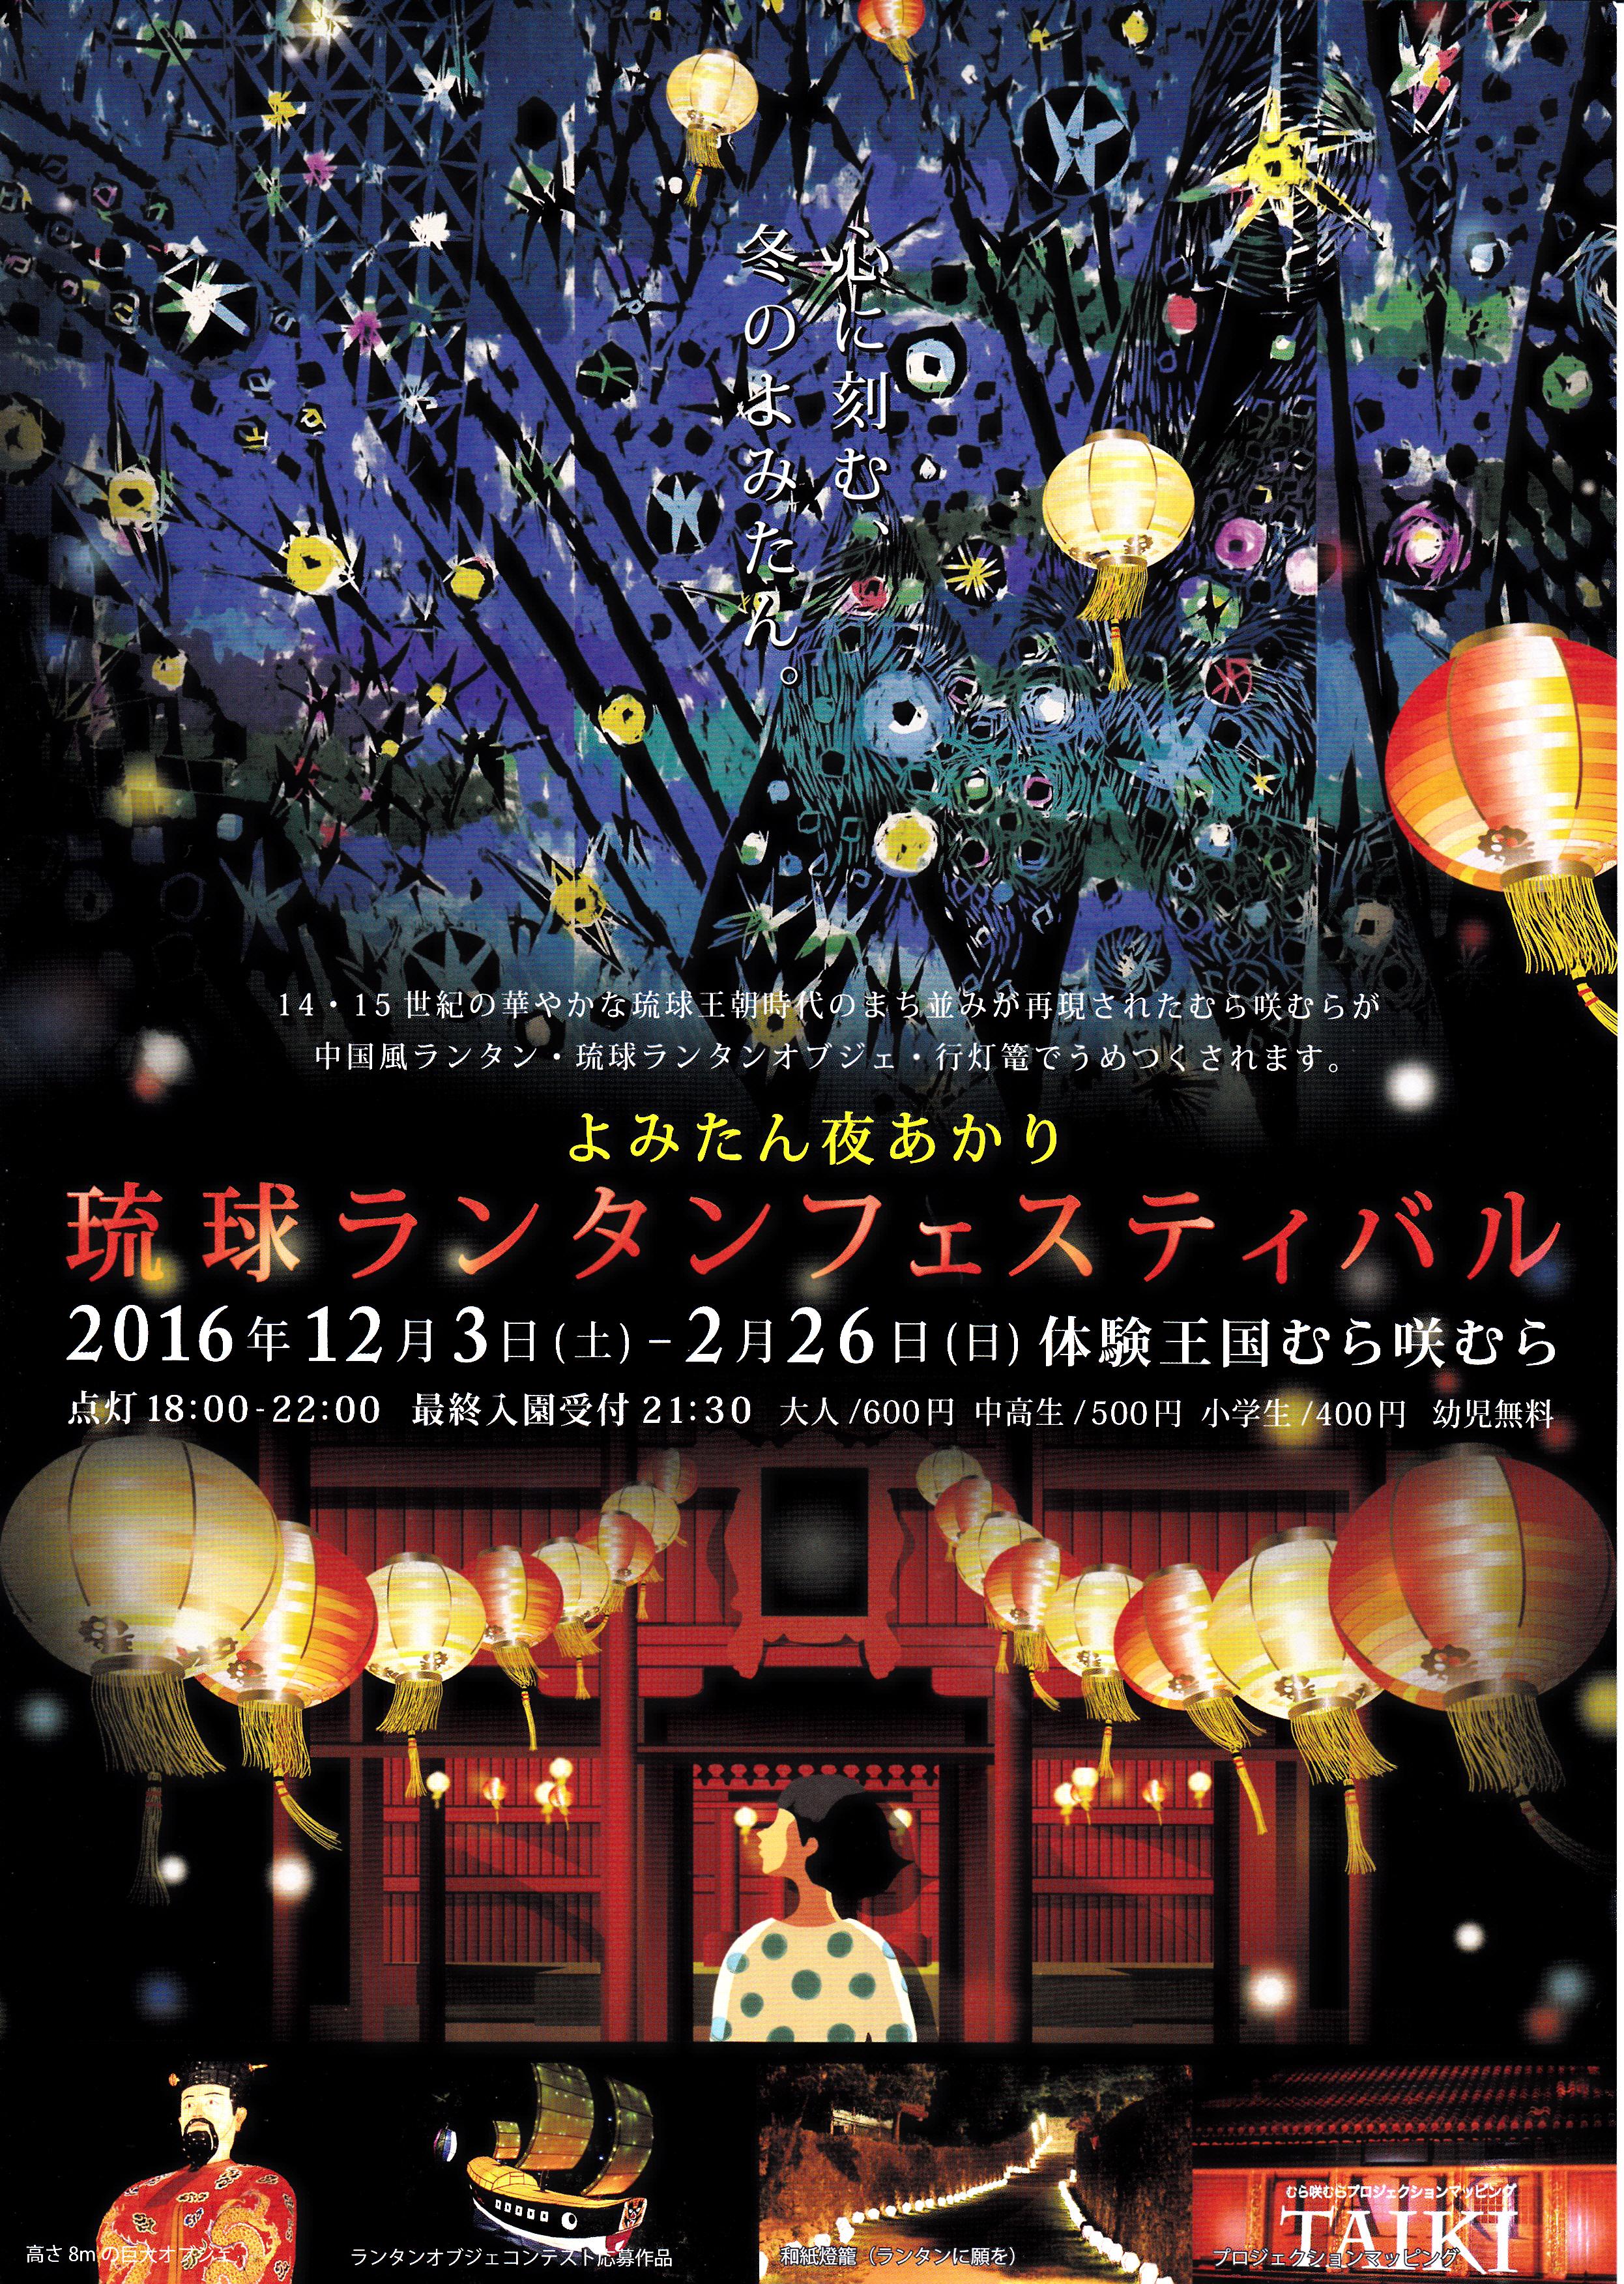 影絵の夜プロジェクト、影絵、琉球ランタンフェスティバル、むらさきむら、親子